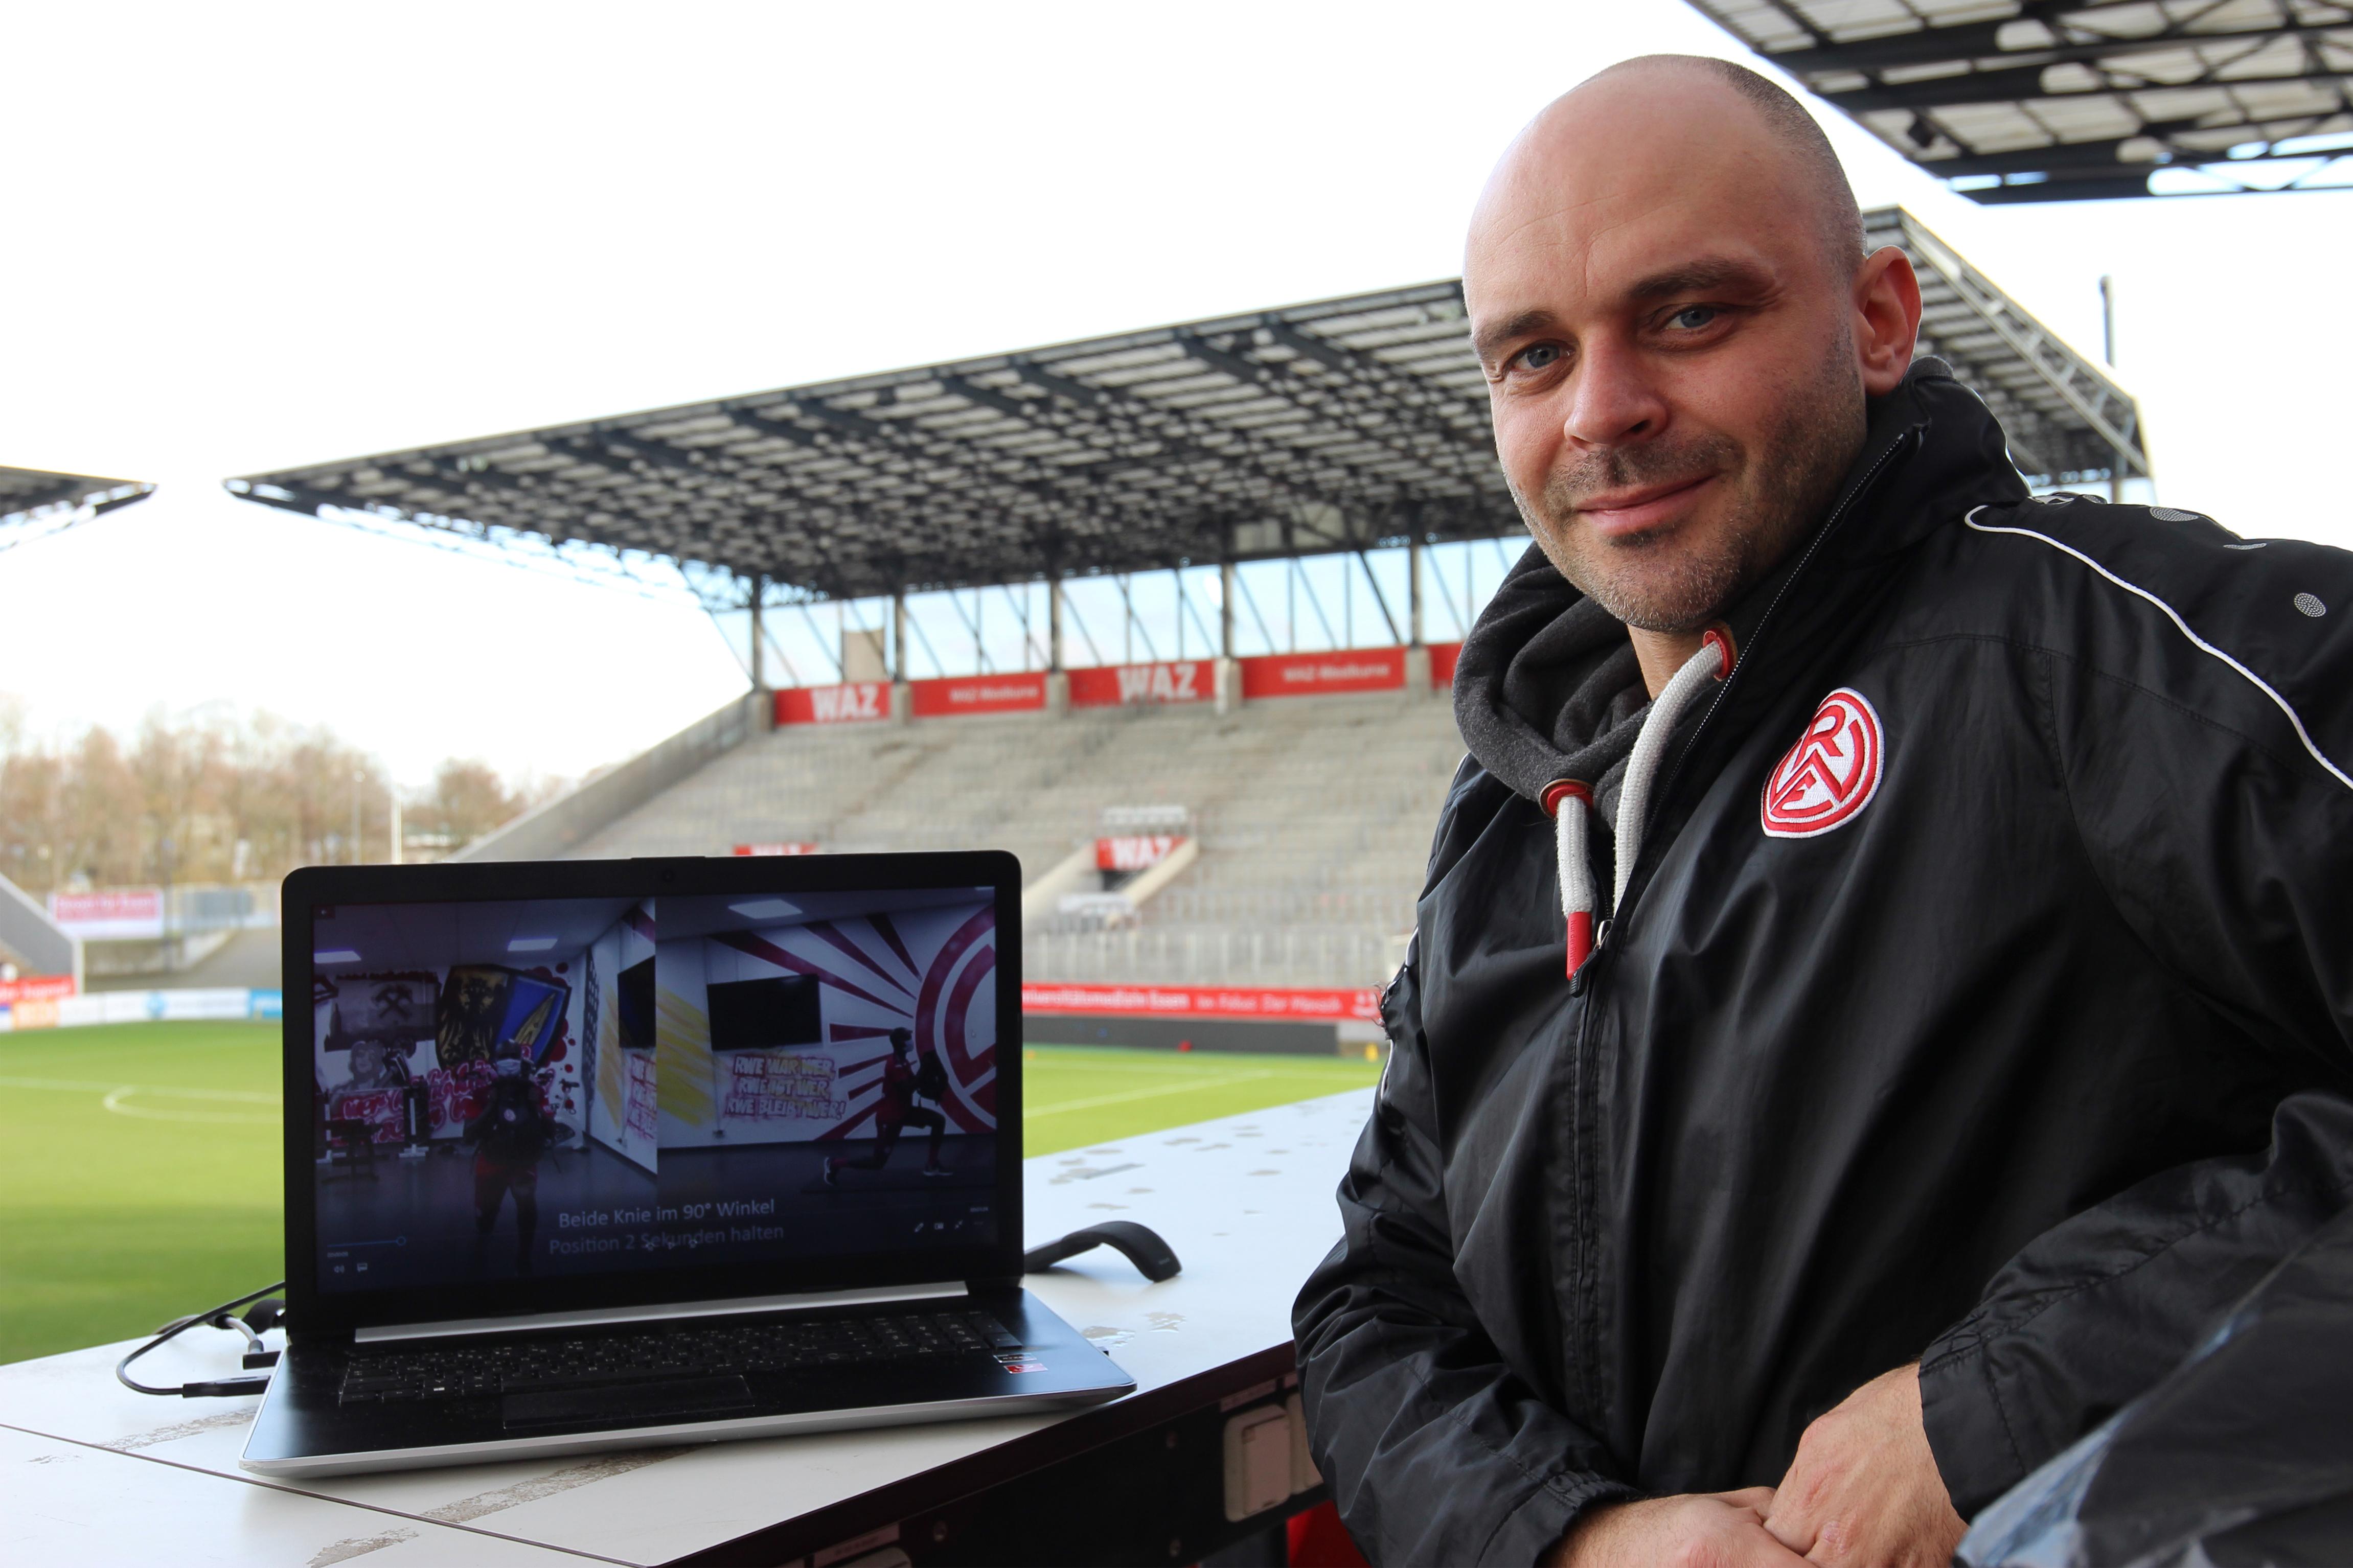 Alles digital dabei: Matthias Gesenhues hat das Heimtraining auf seinem Laptop.